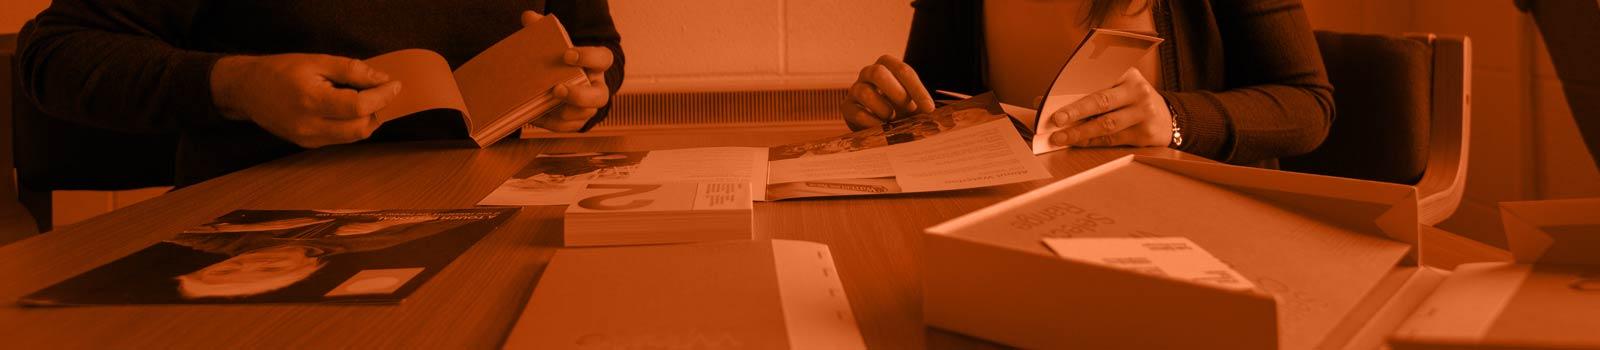 Print Design Birmingham UK